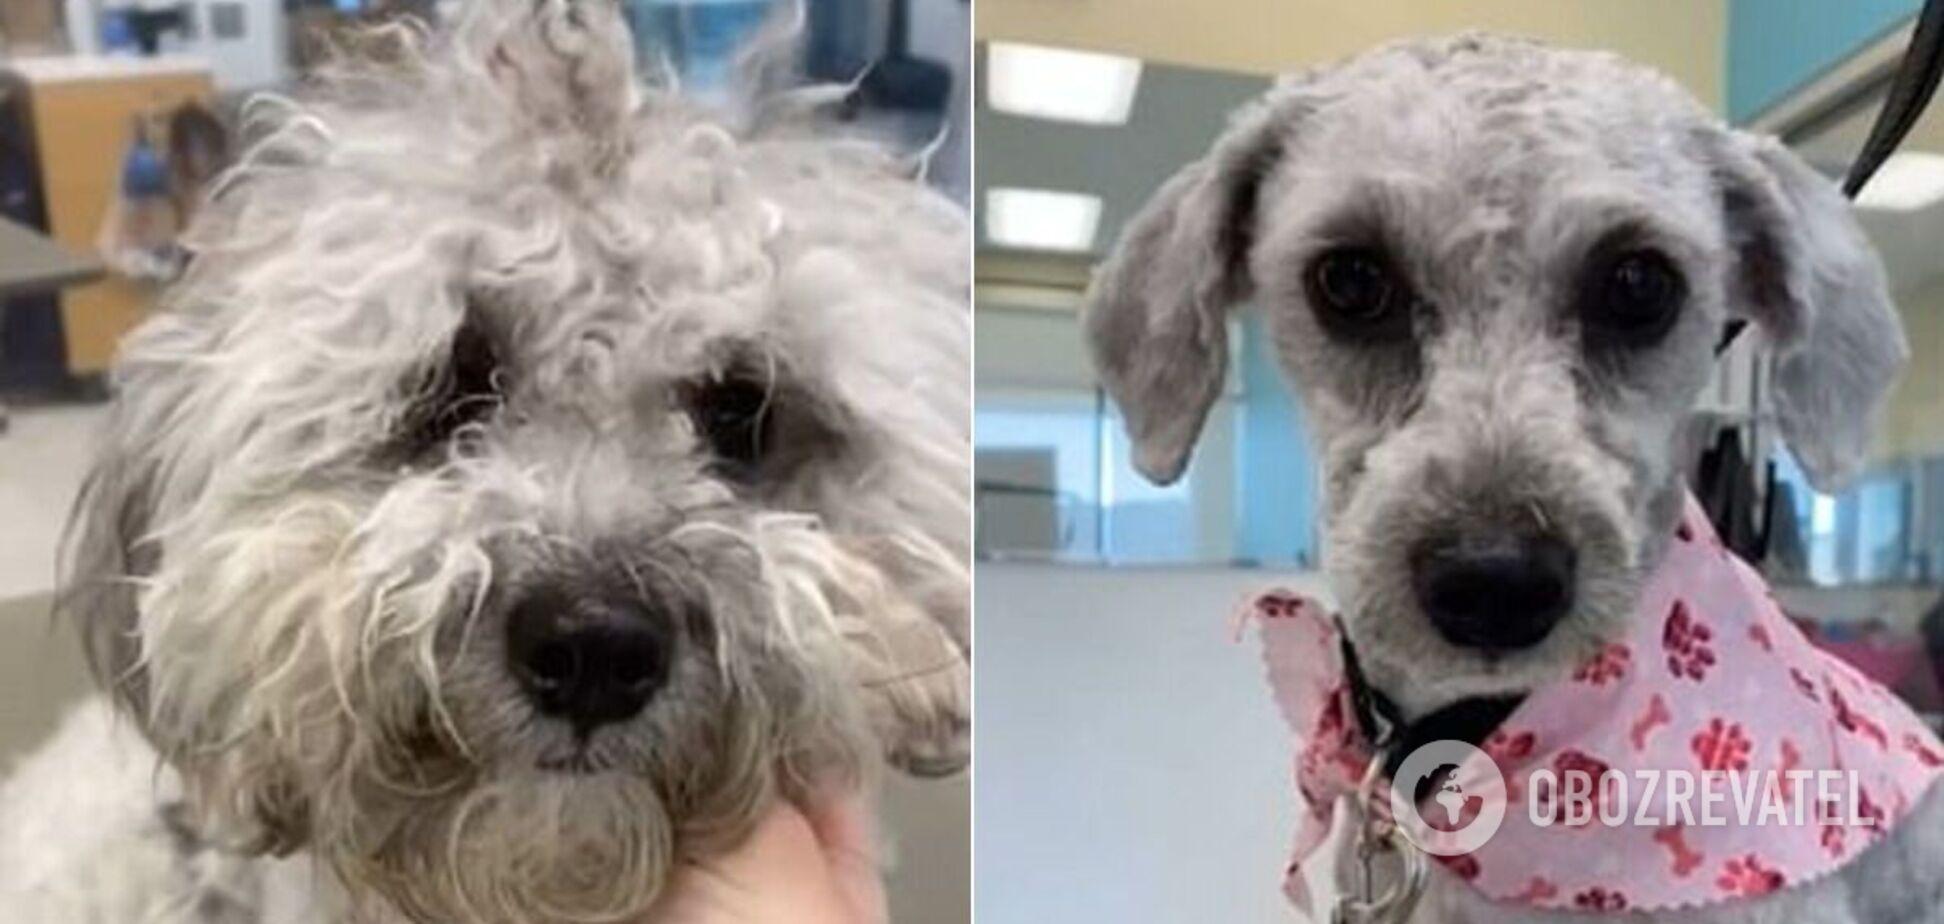 Собаку побрили одним махом и показали цельный 'коврик' шерсти